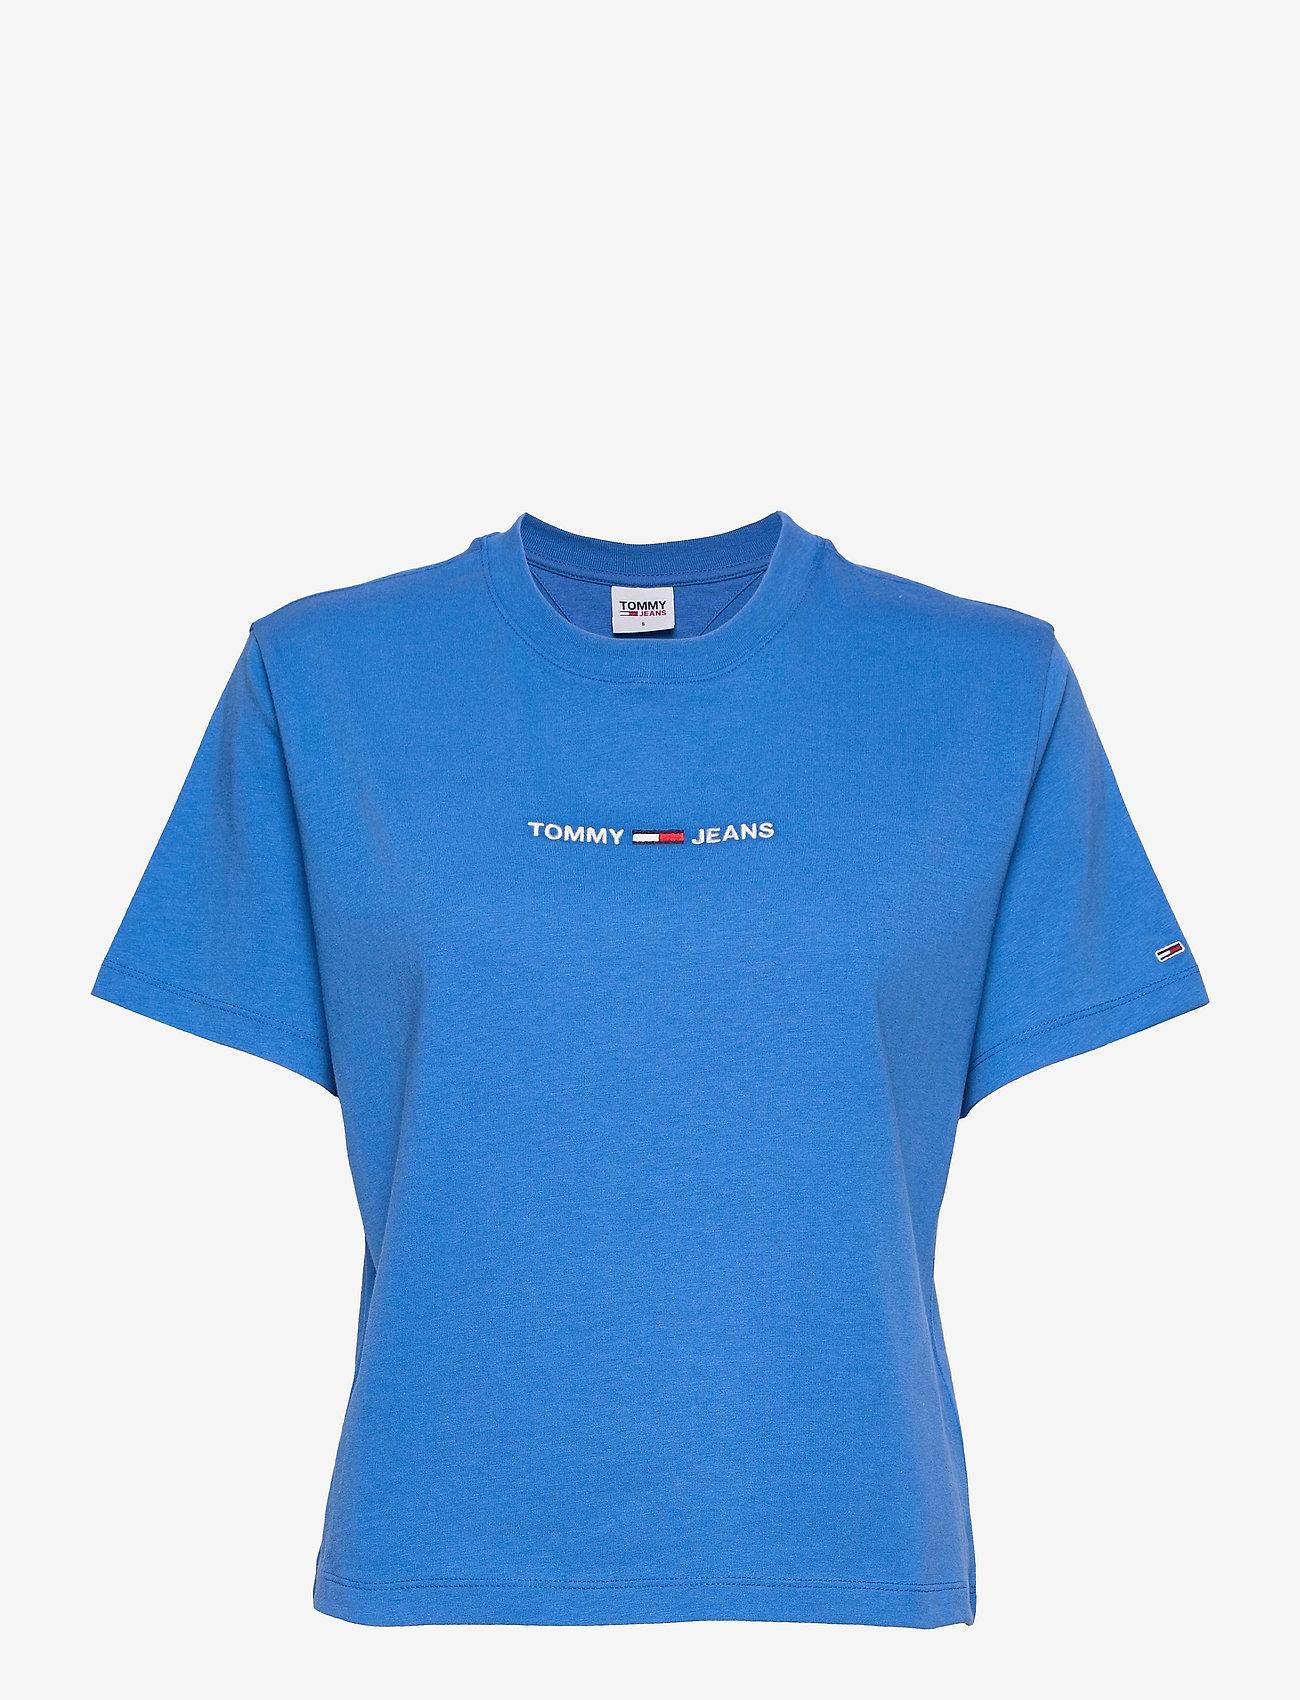 Tommy Jeans - TJW BXY CROP LINEAR LOGO TEE - crop tops - gulf coast blue - 0